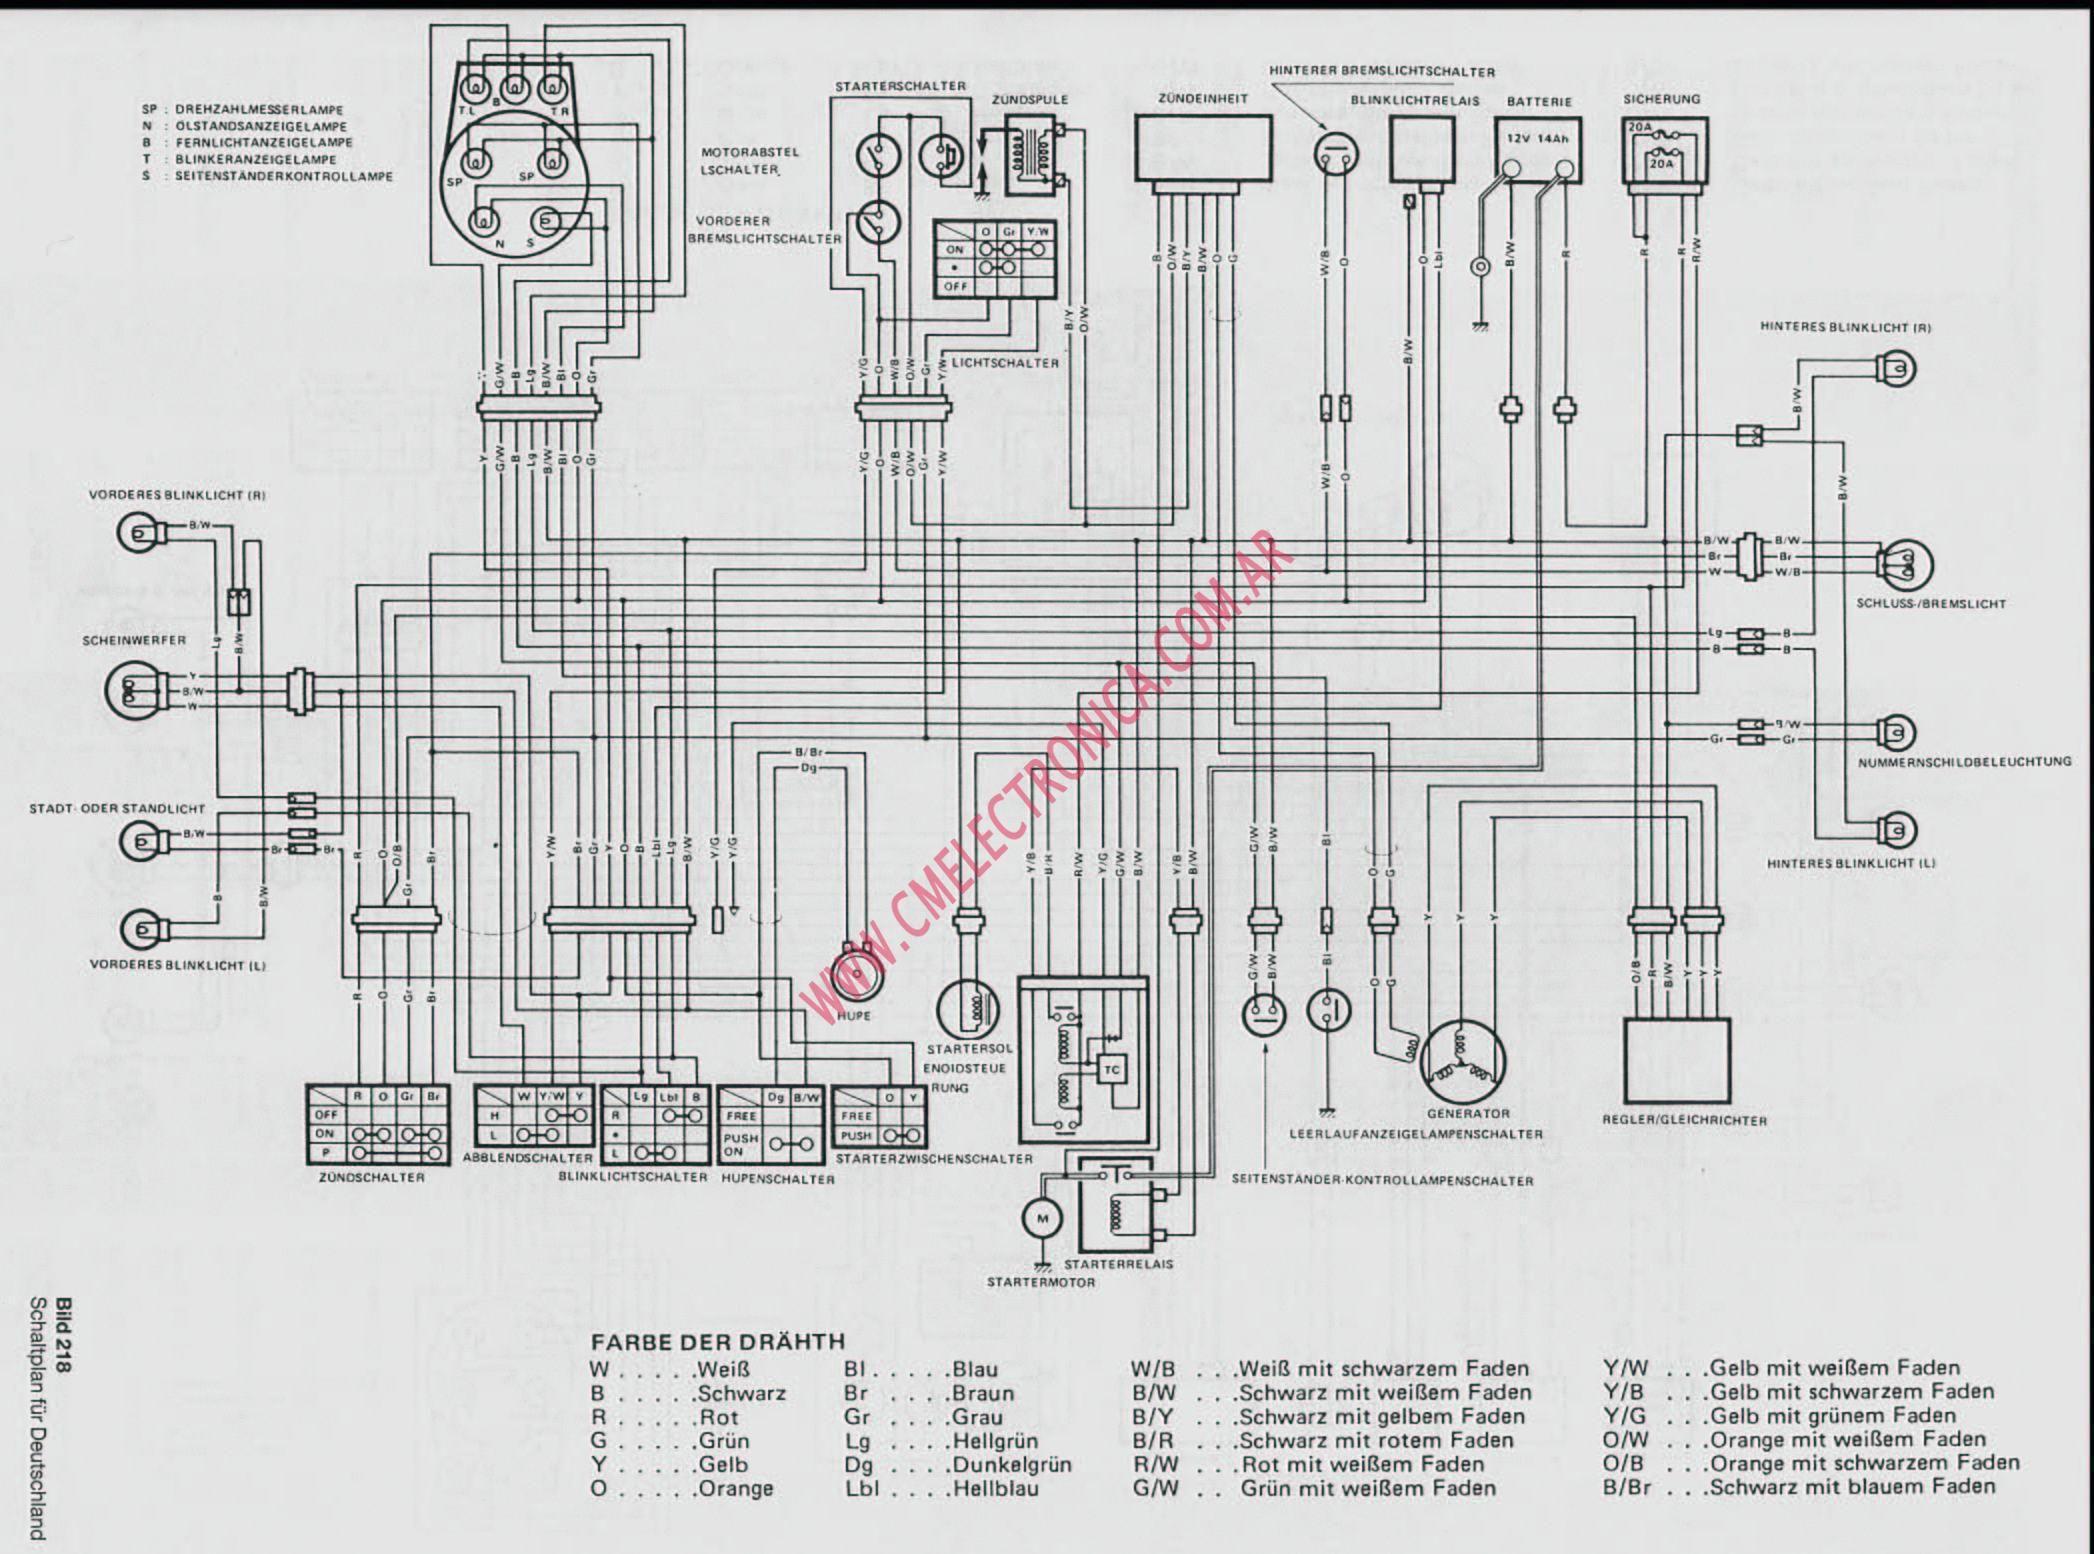 Old Fashioned Suzuki Bandit Wiring Air Compressor Motor Wiring Diagram